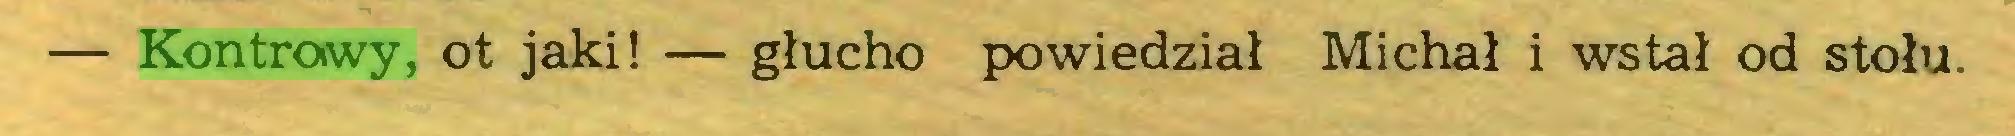 (...) — Kontrowy, ot jaki! — głucho powiedział Michał i wstał od stołu...